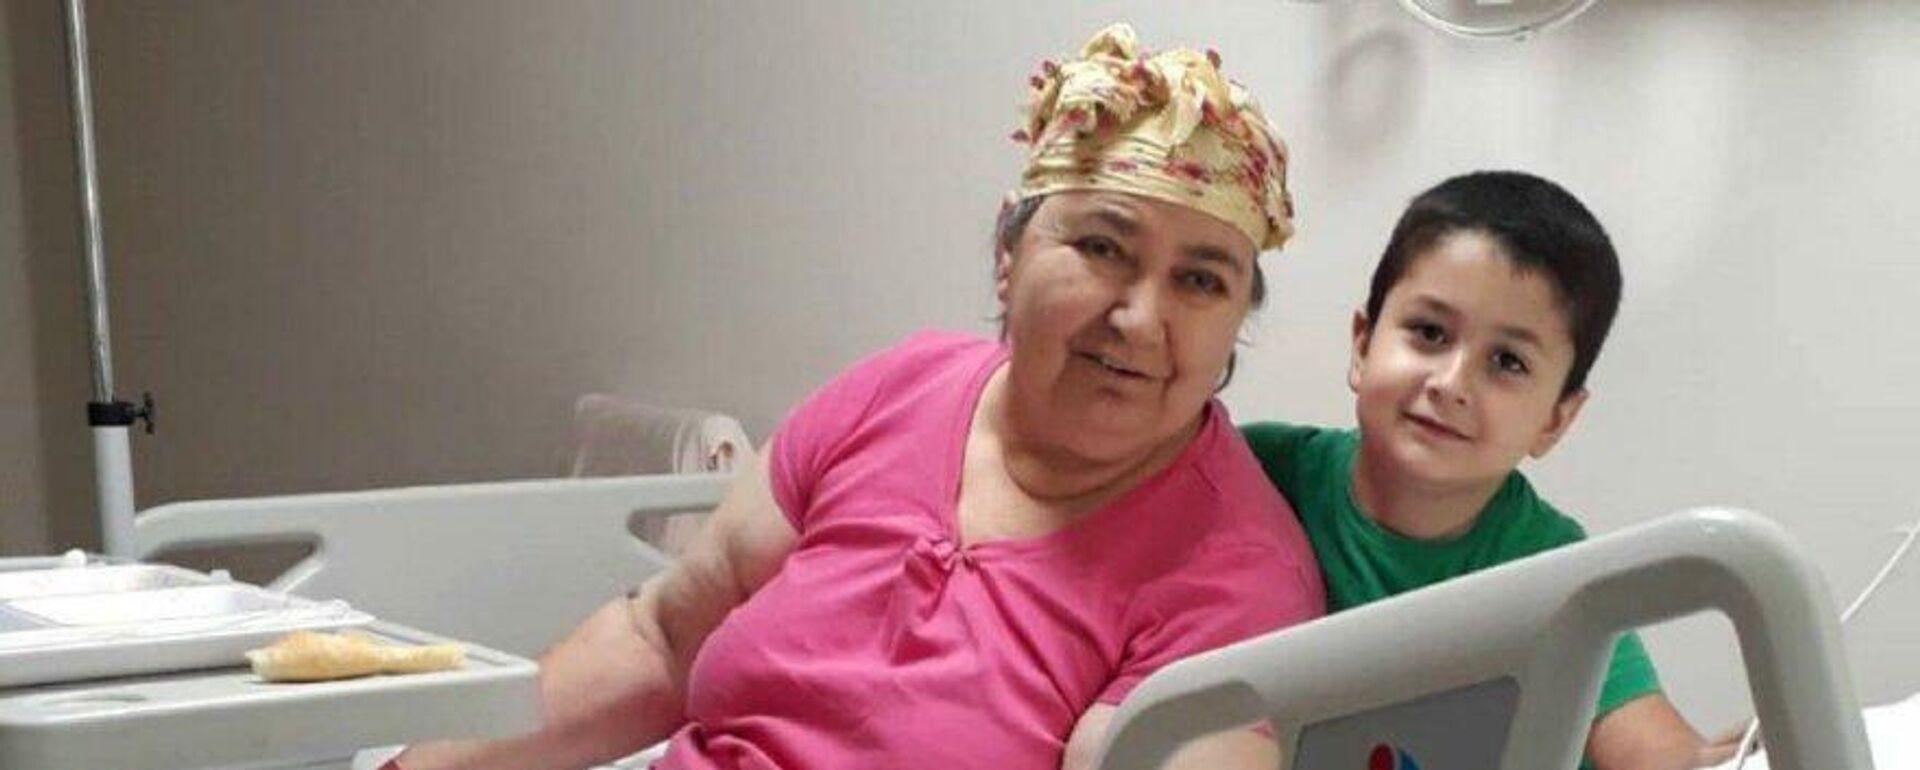 Pansuman için hastaneye giden kadın öldü - Sputnik Türkiye, 1920, 26.09.2021